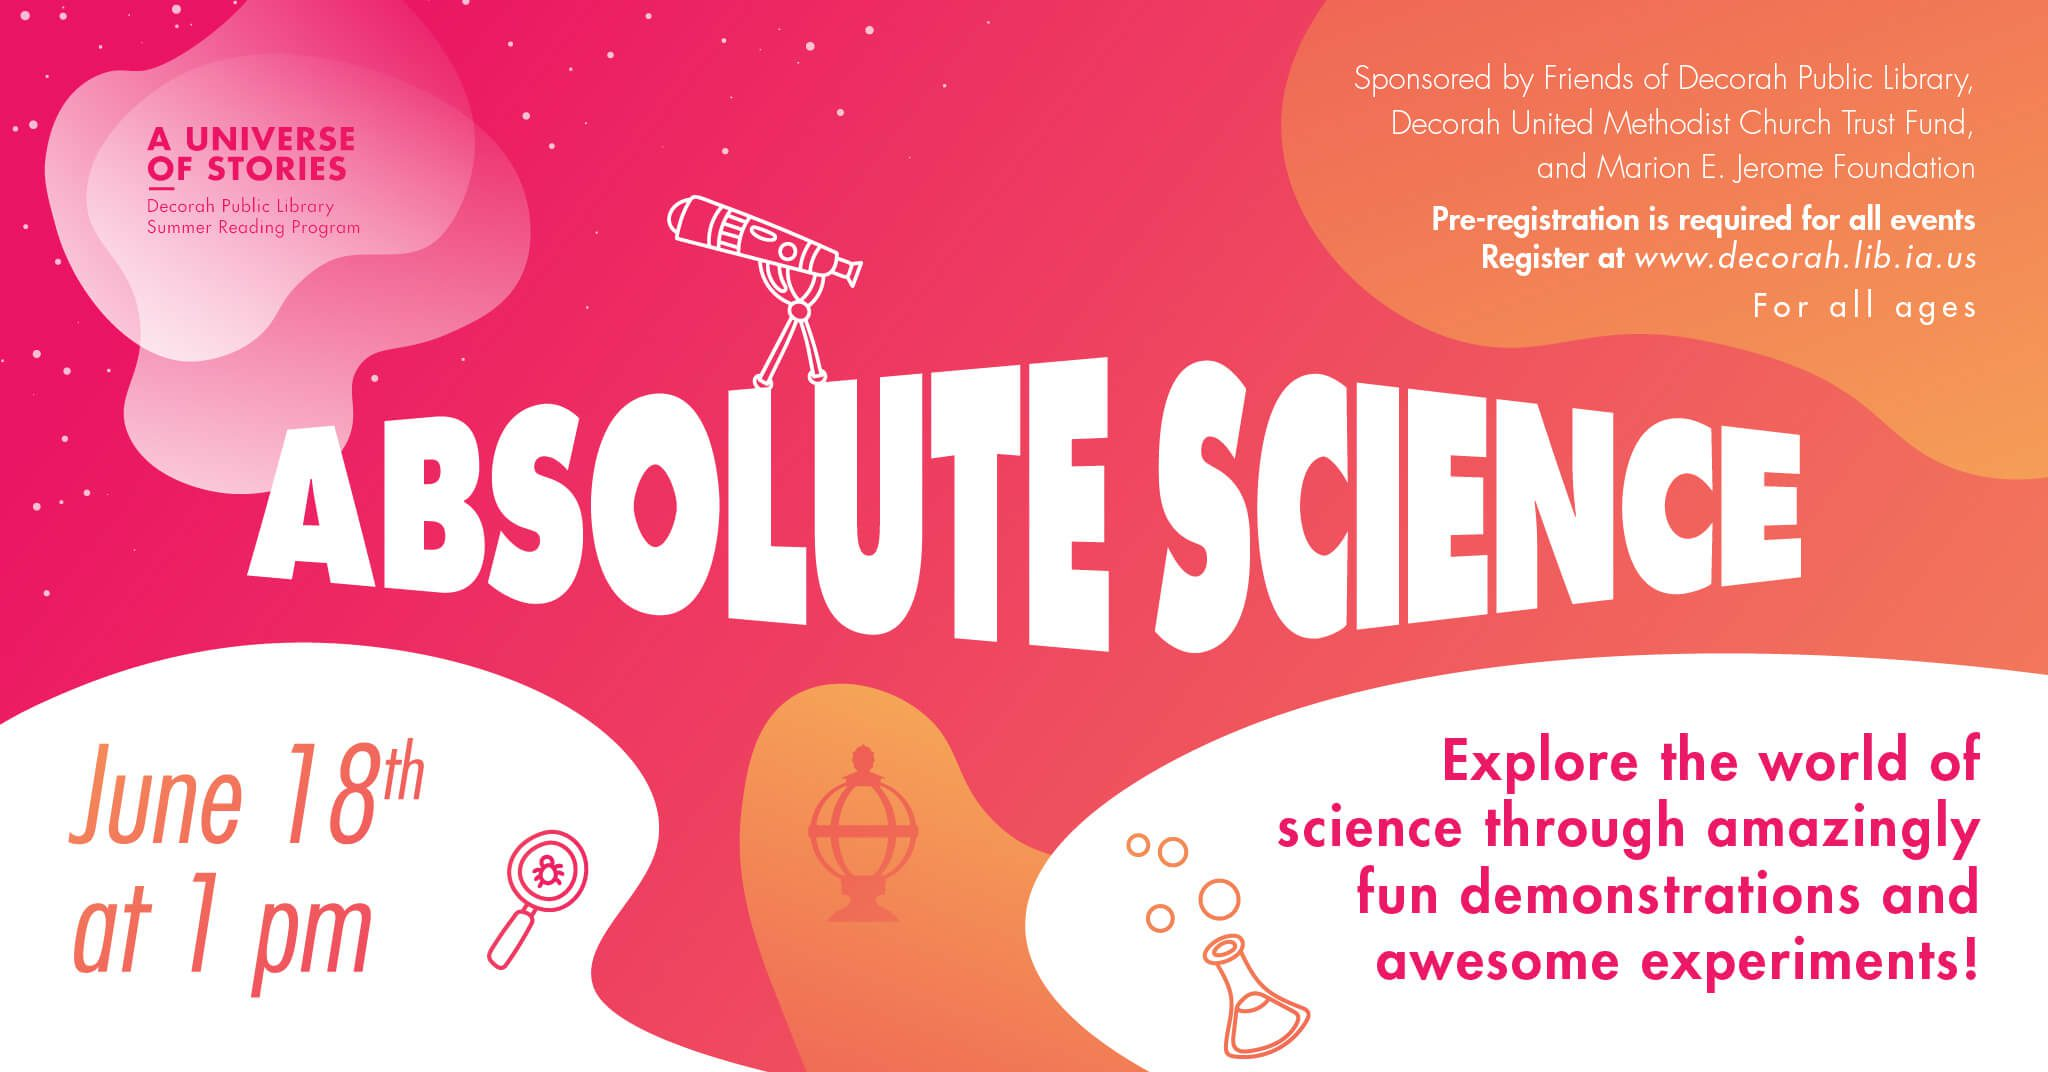 Absolute Science June 18